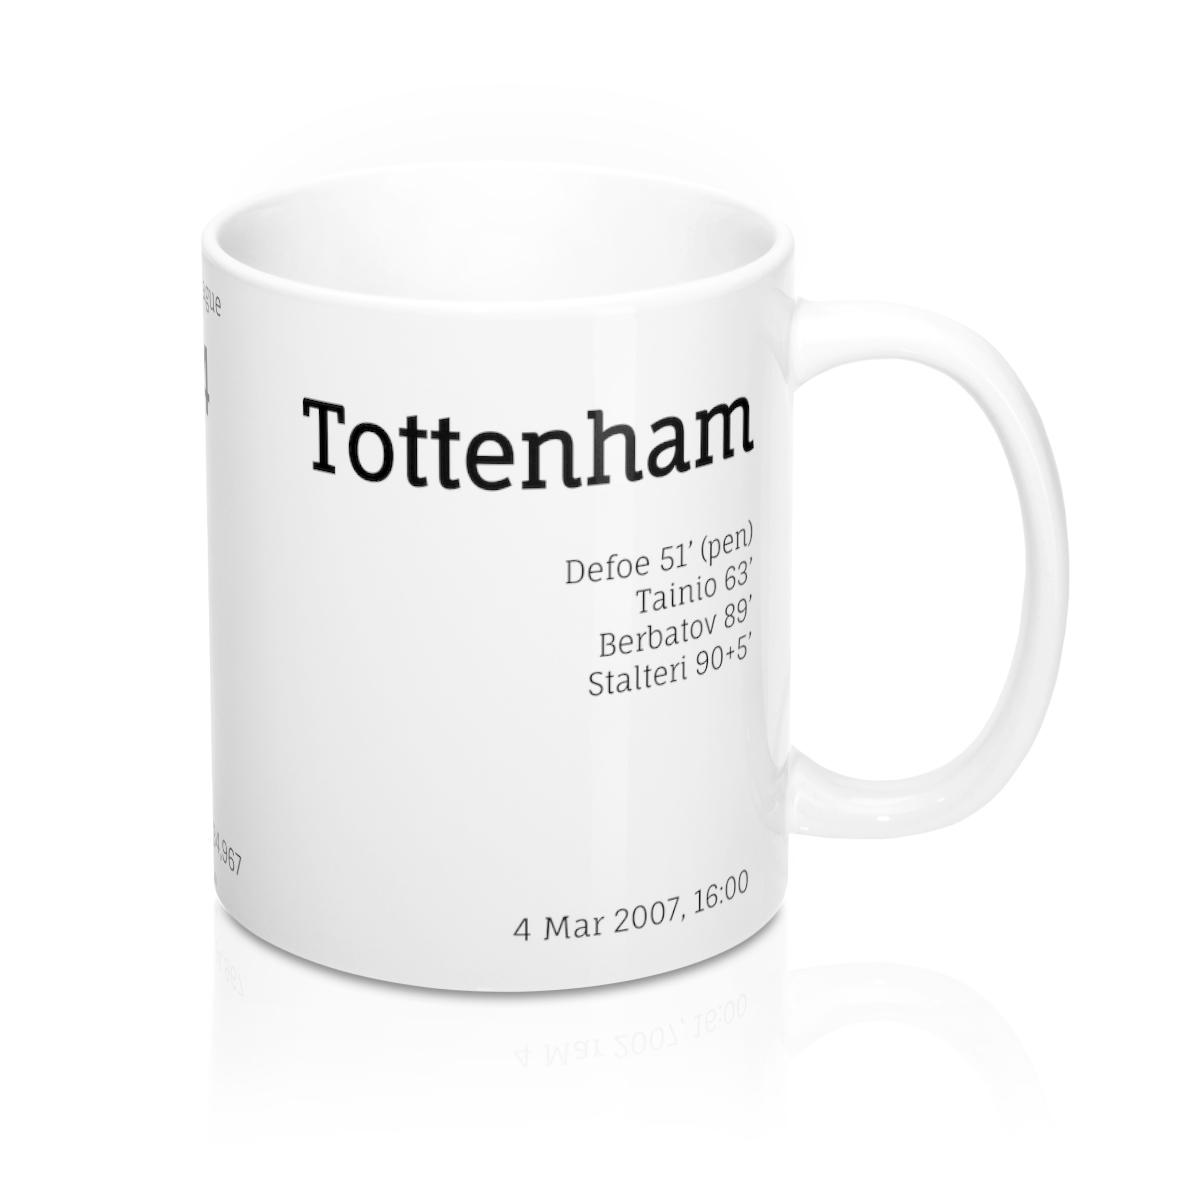 West Ham – Tottenham – Premier League – 2007